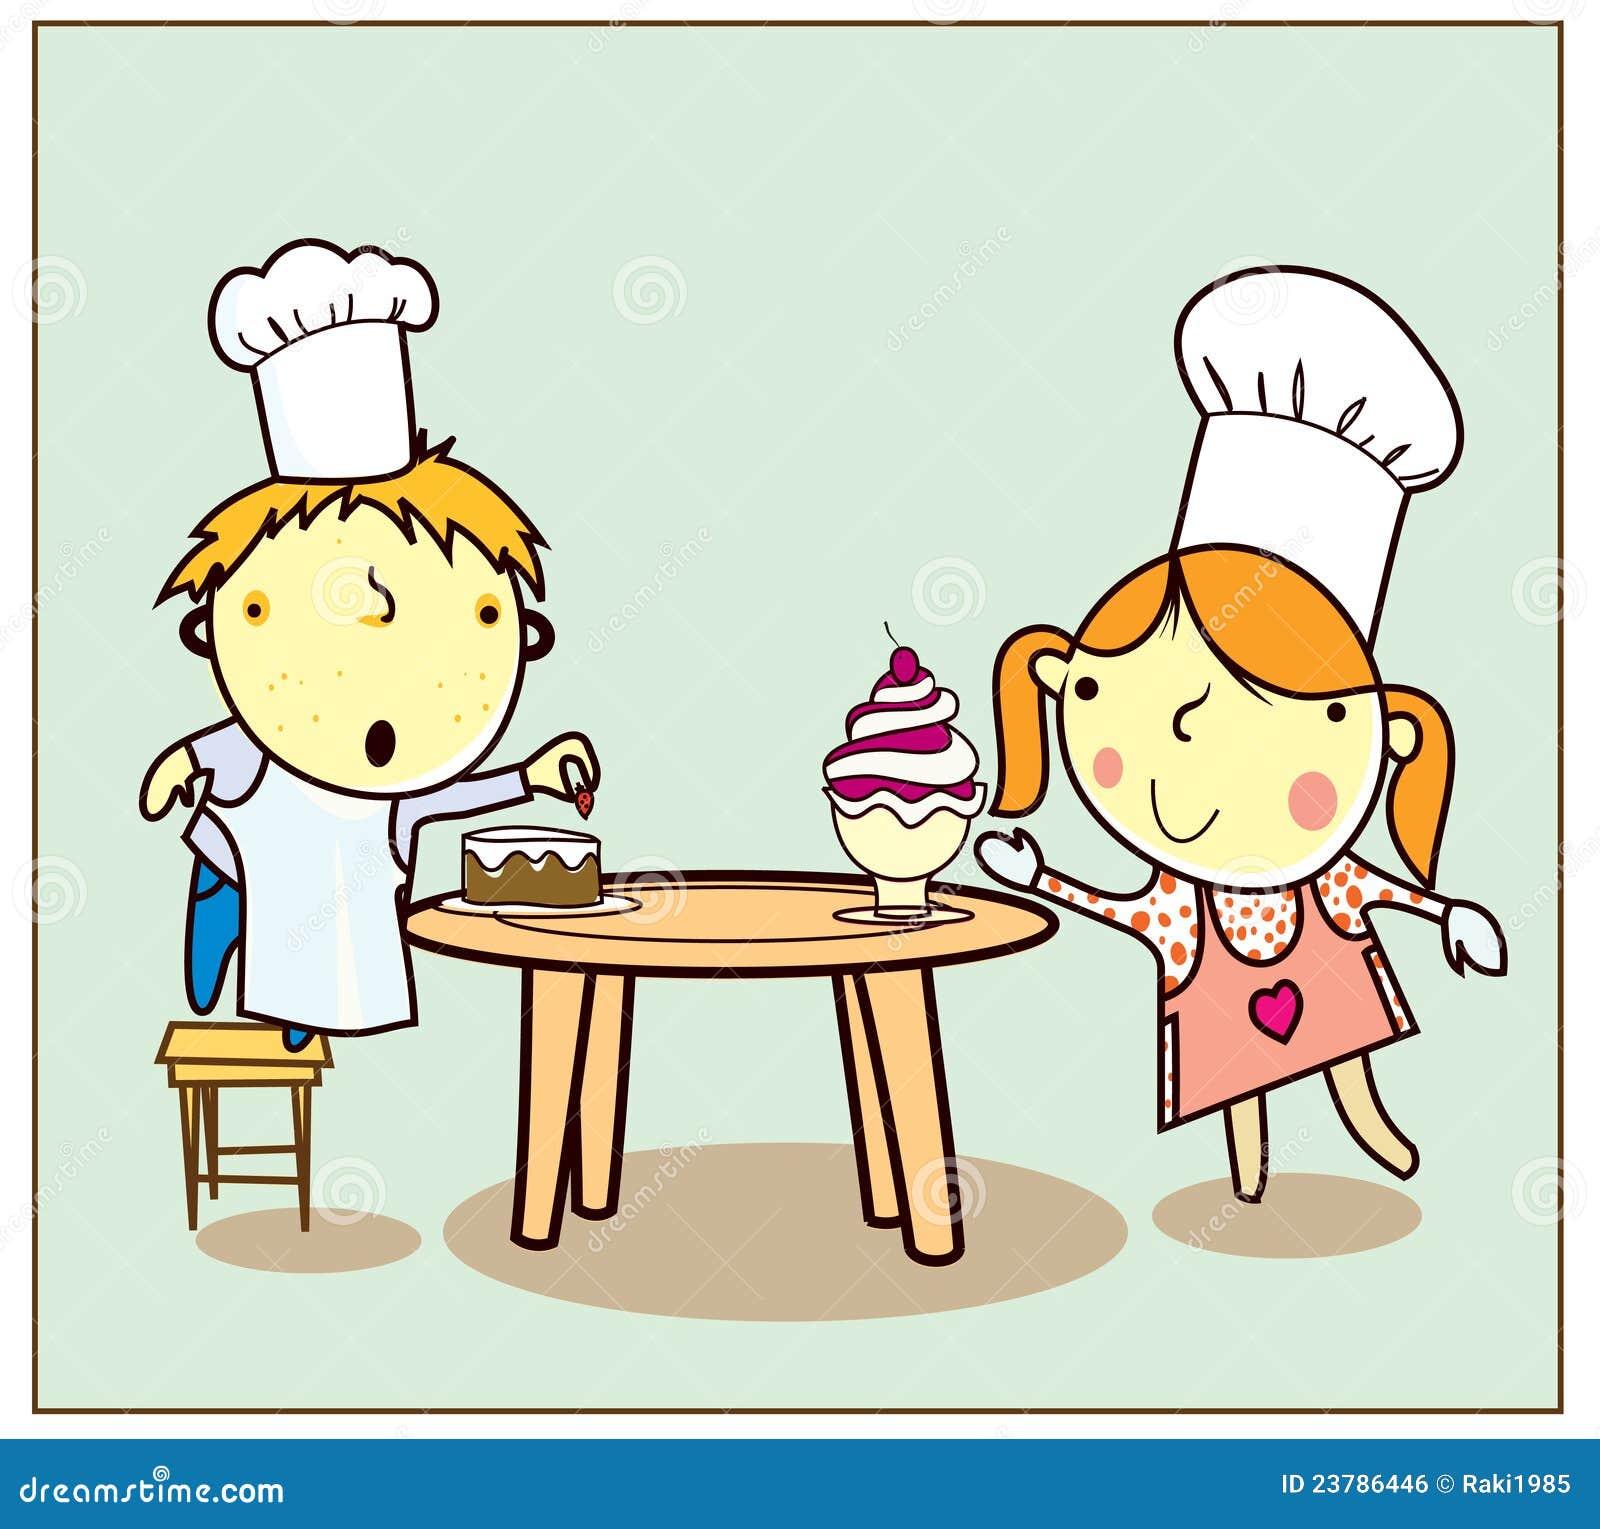 Image libre de droits: la cuisson des enfants